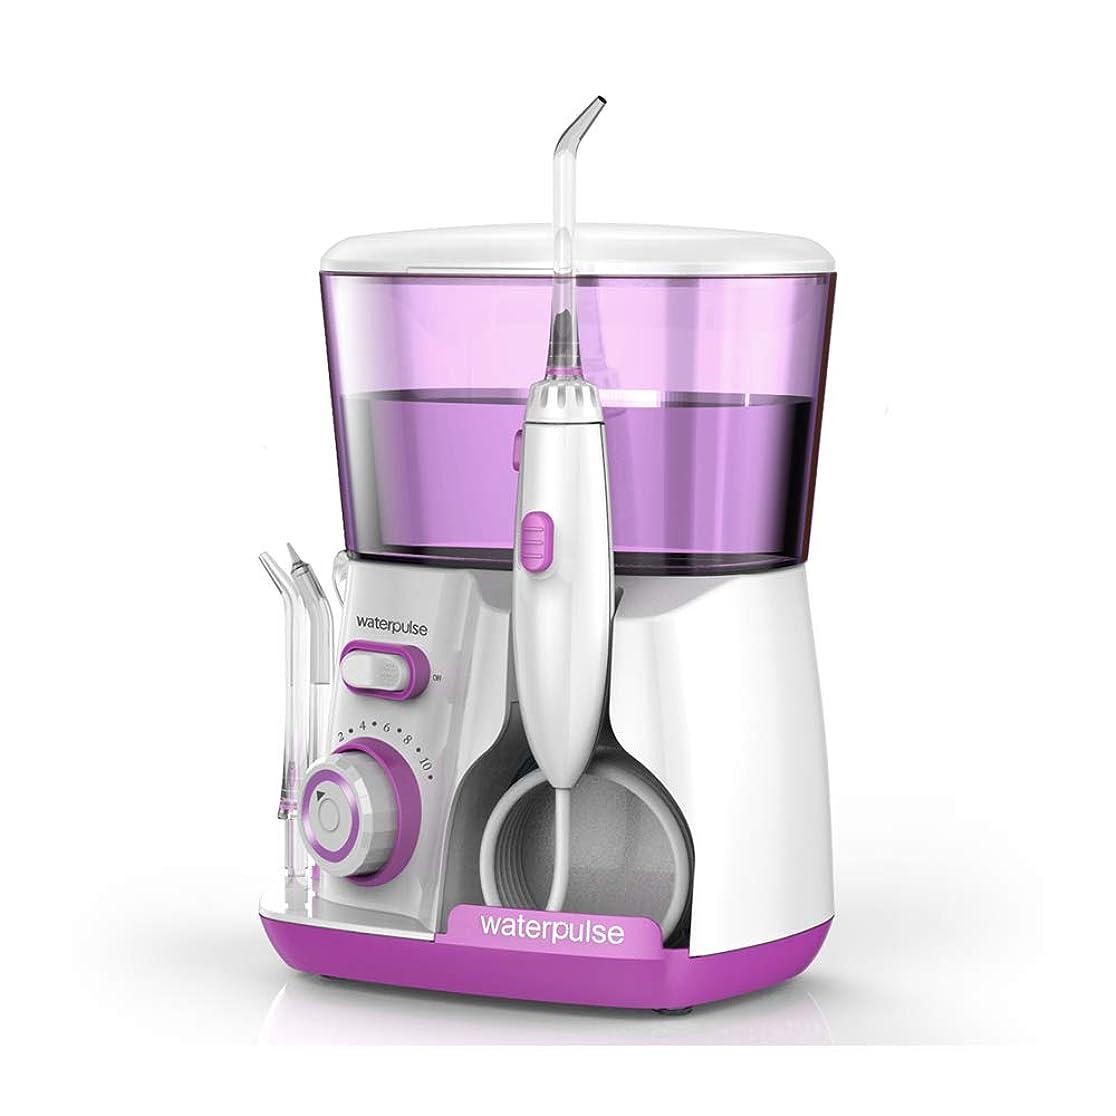 薬を飲む風今Loboo Idea V300 赤い歯洗濯機水フロスデンタルクリーナー口腔洗浄器、自由に調整可能な10種類の歯車、5種類のノズルを含む、歯の清掃が360度容易、あなたの歯のニーズを満たすために (V300R, 紫色)